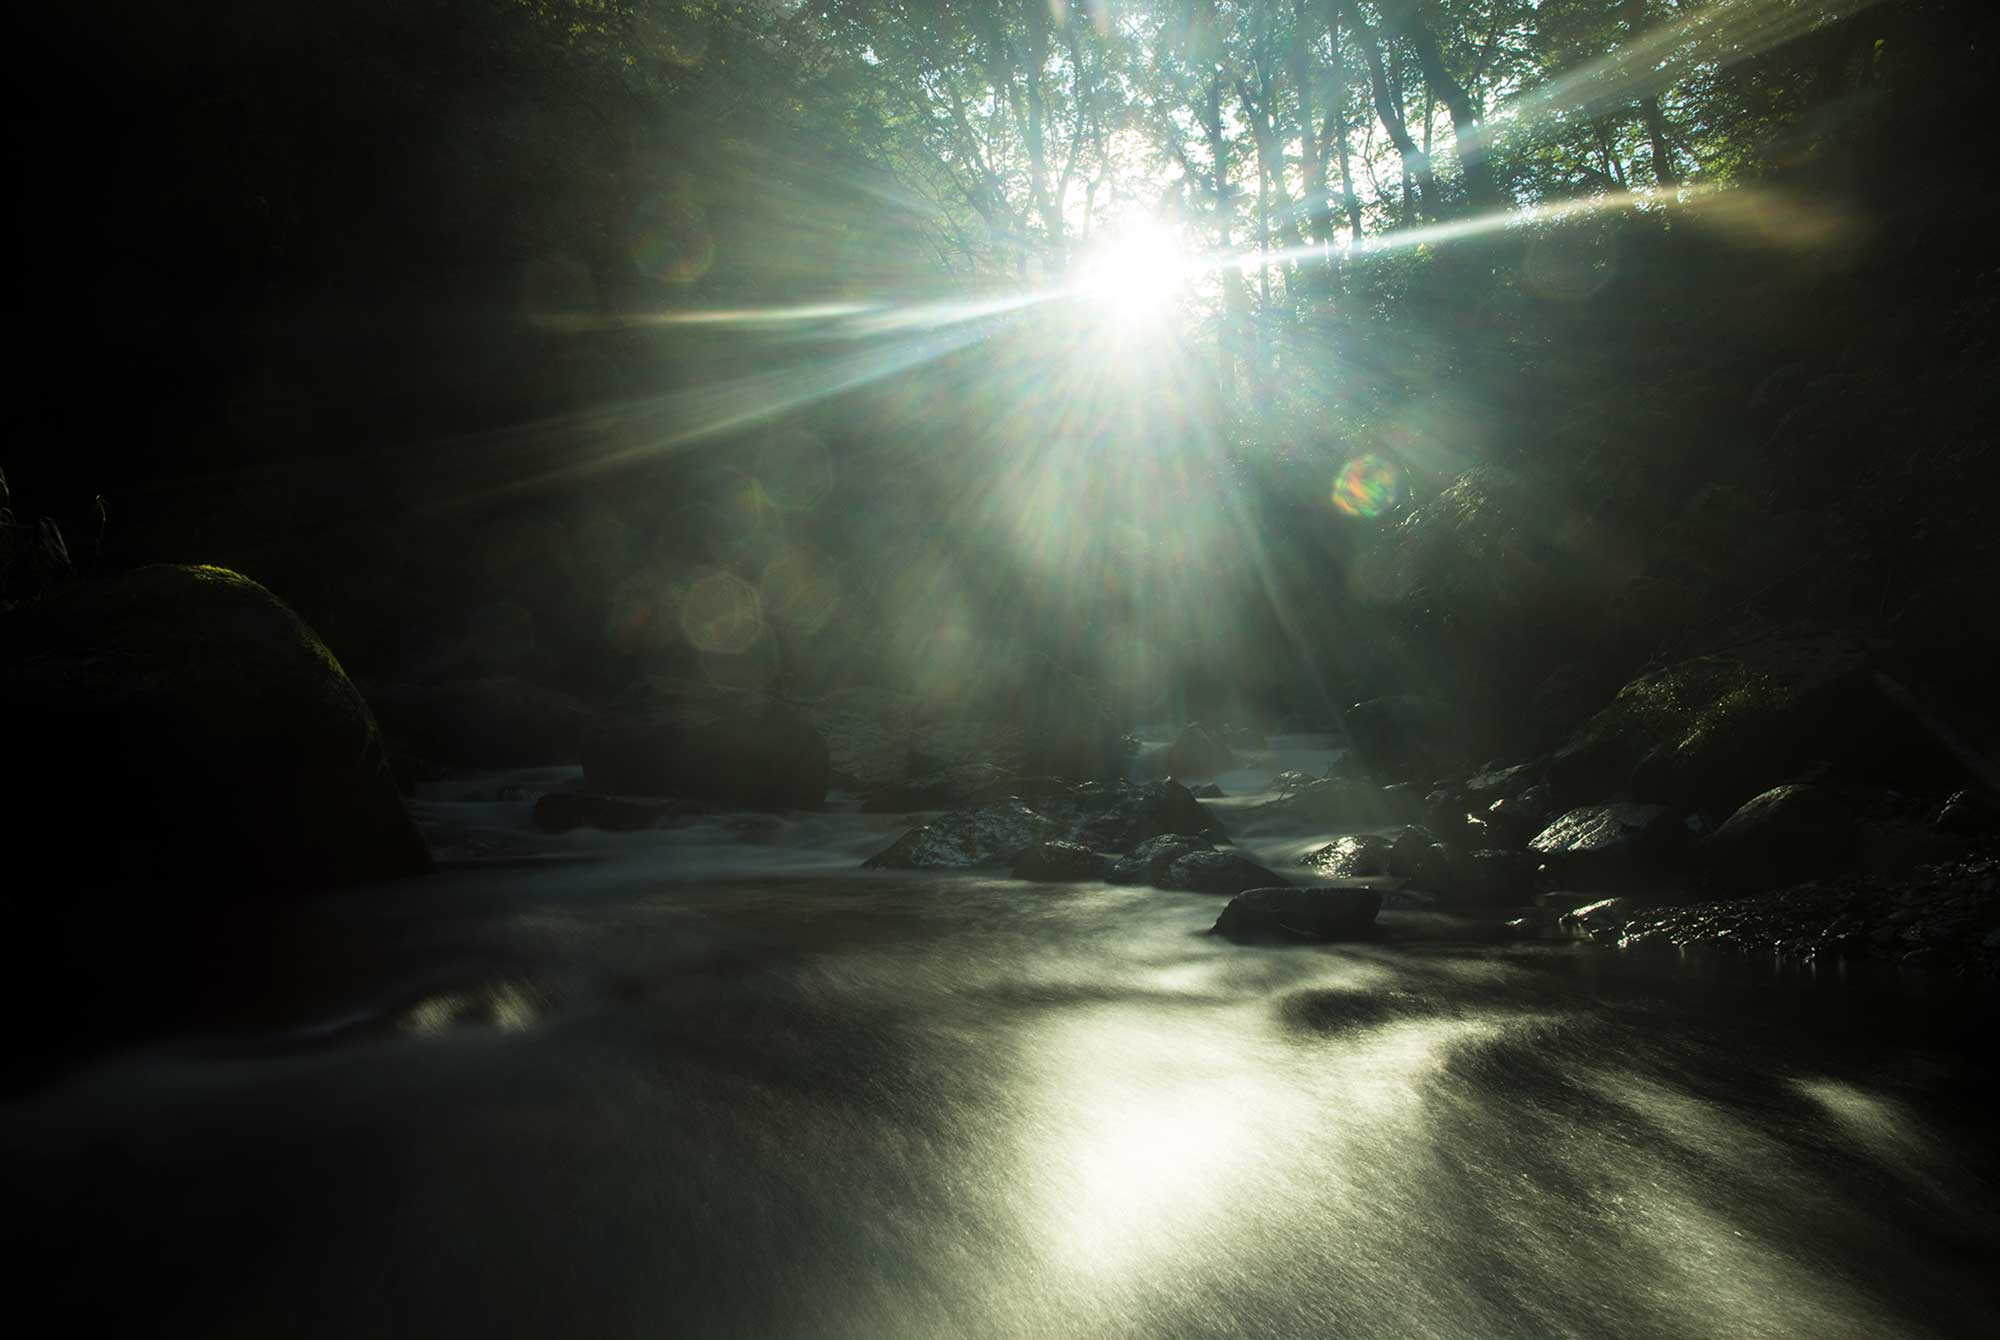 南島幻が撮影した神々の光